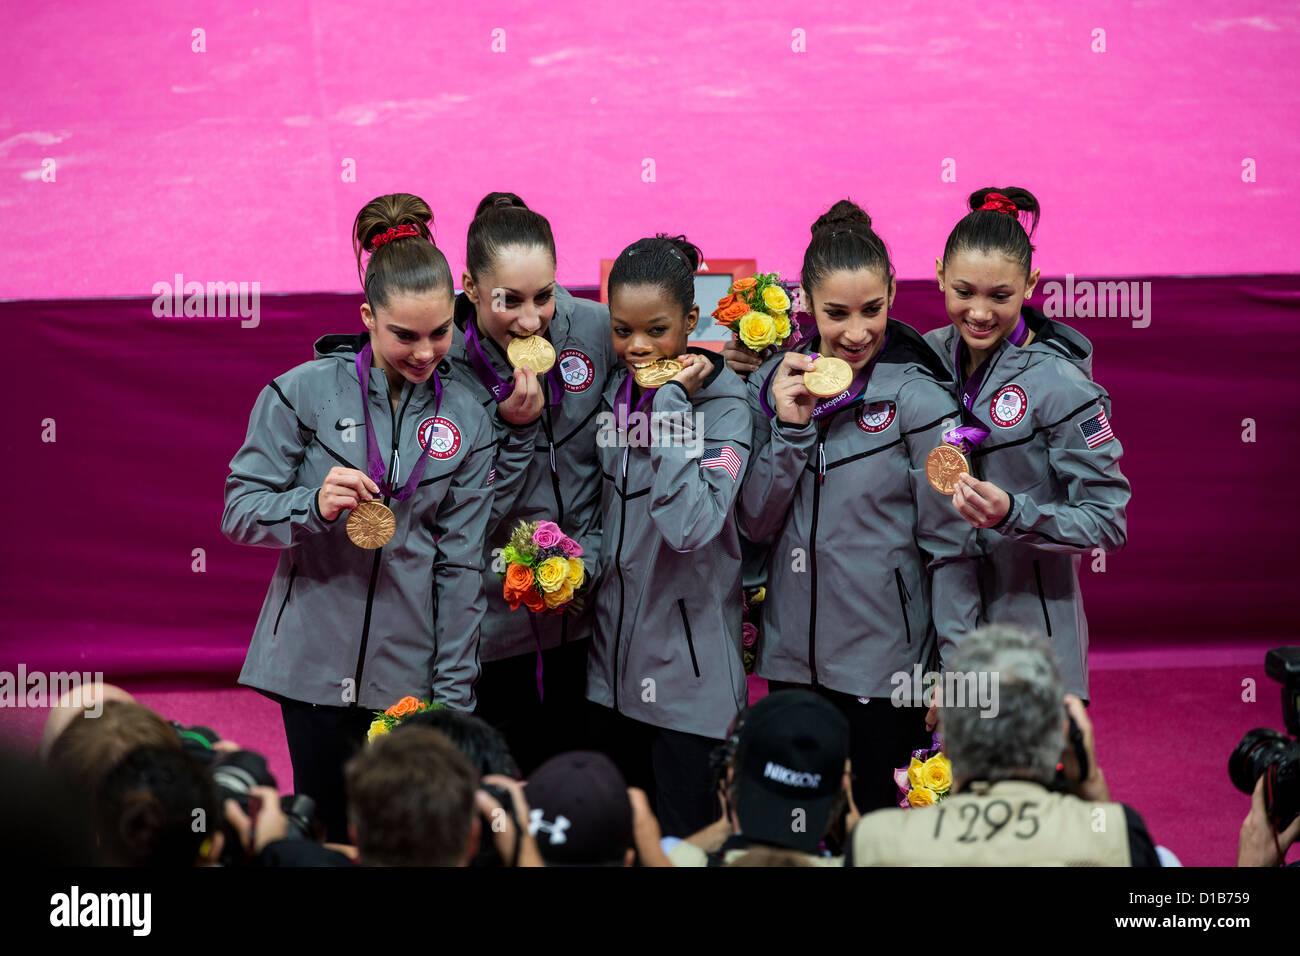 Team USA L-R McKayla Maroney, Jordyn Wieber, Gabrielle Douglas,, Alexandra Raisman, Kyla Ross gold medalist in the - Stock Image